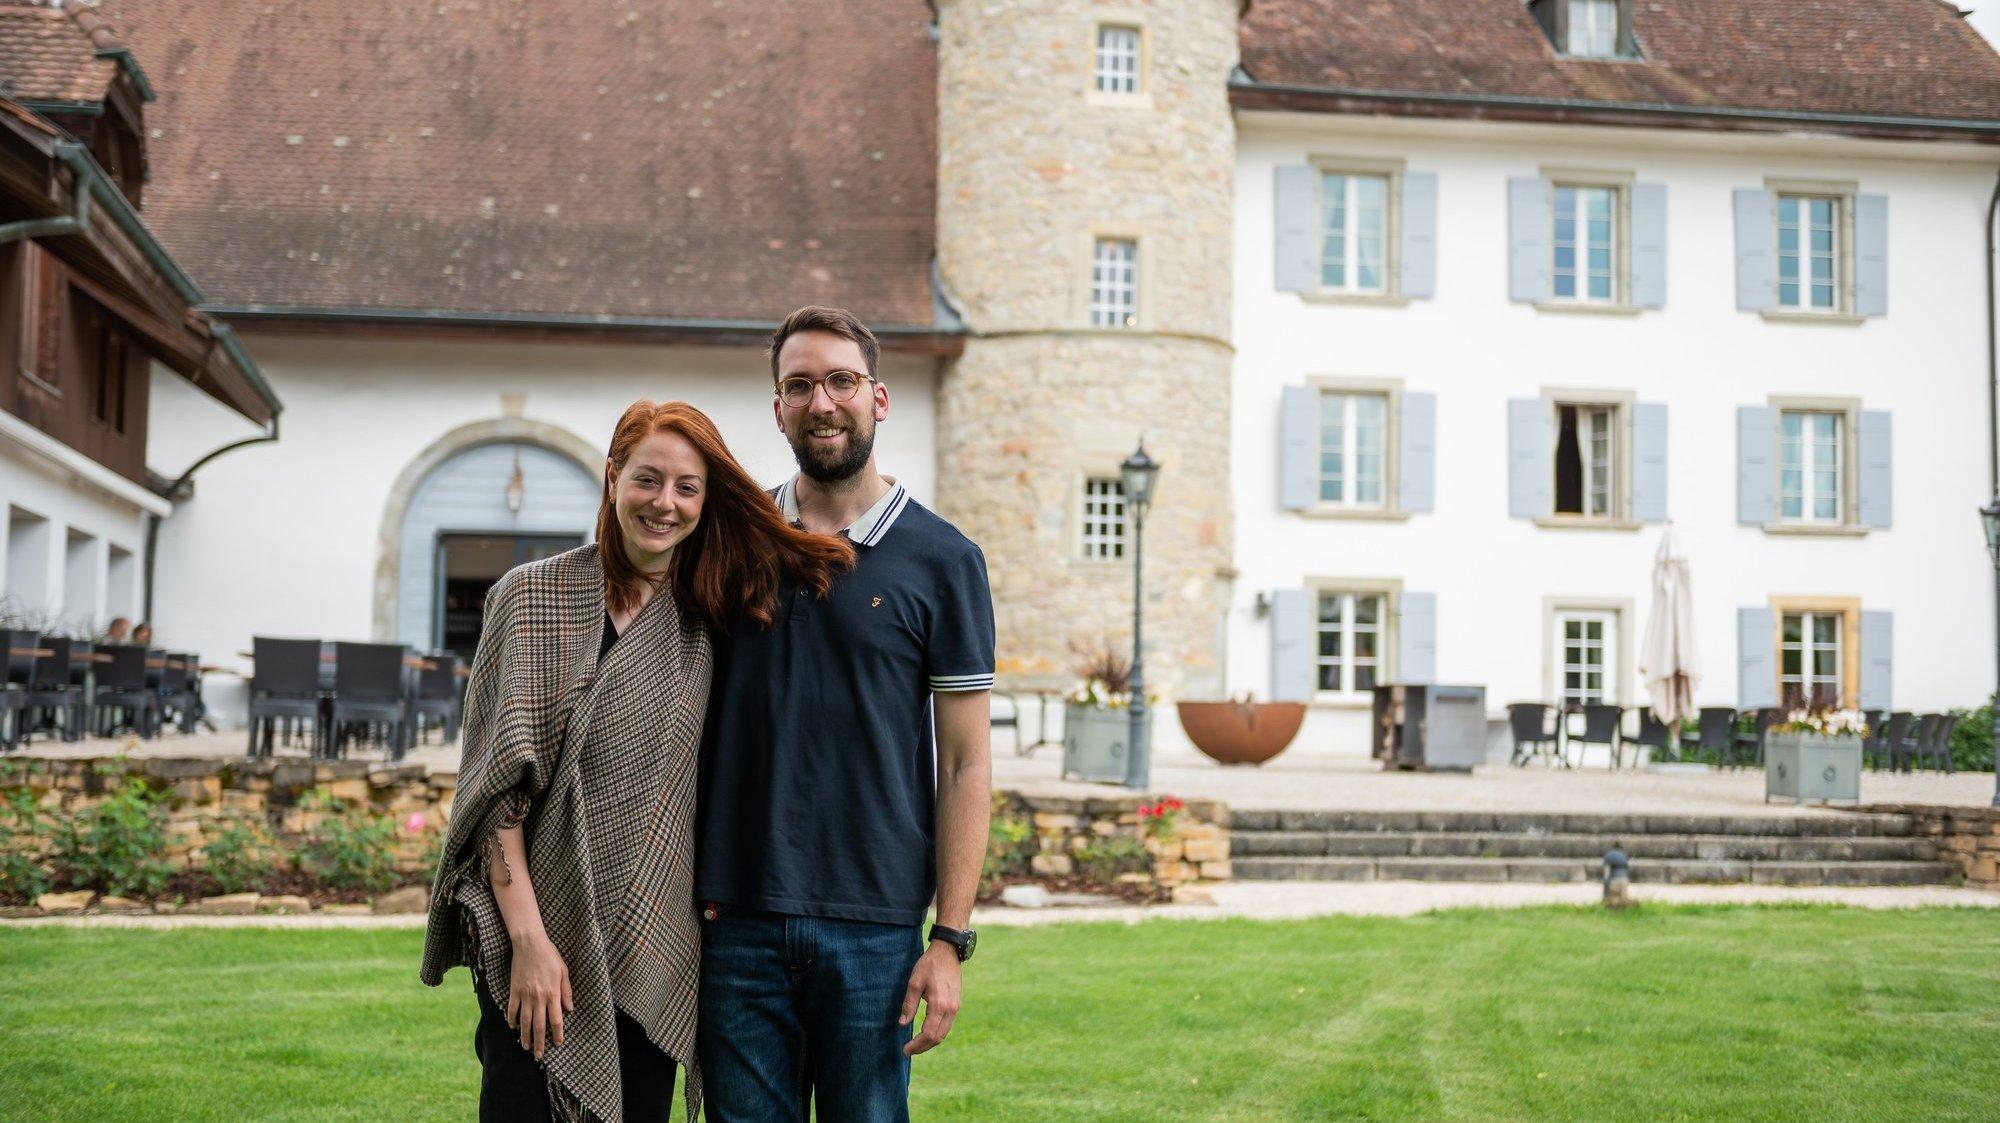 Neïla et Flavio Benedetto ont repris le Château de Salavaux, qui a rouvert ses portes le 13 mai 2021.